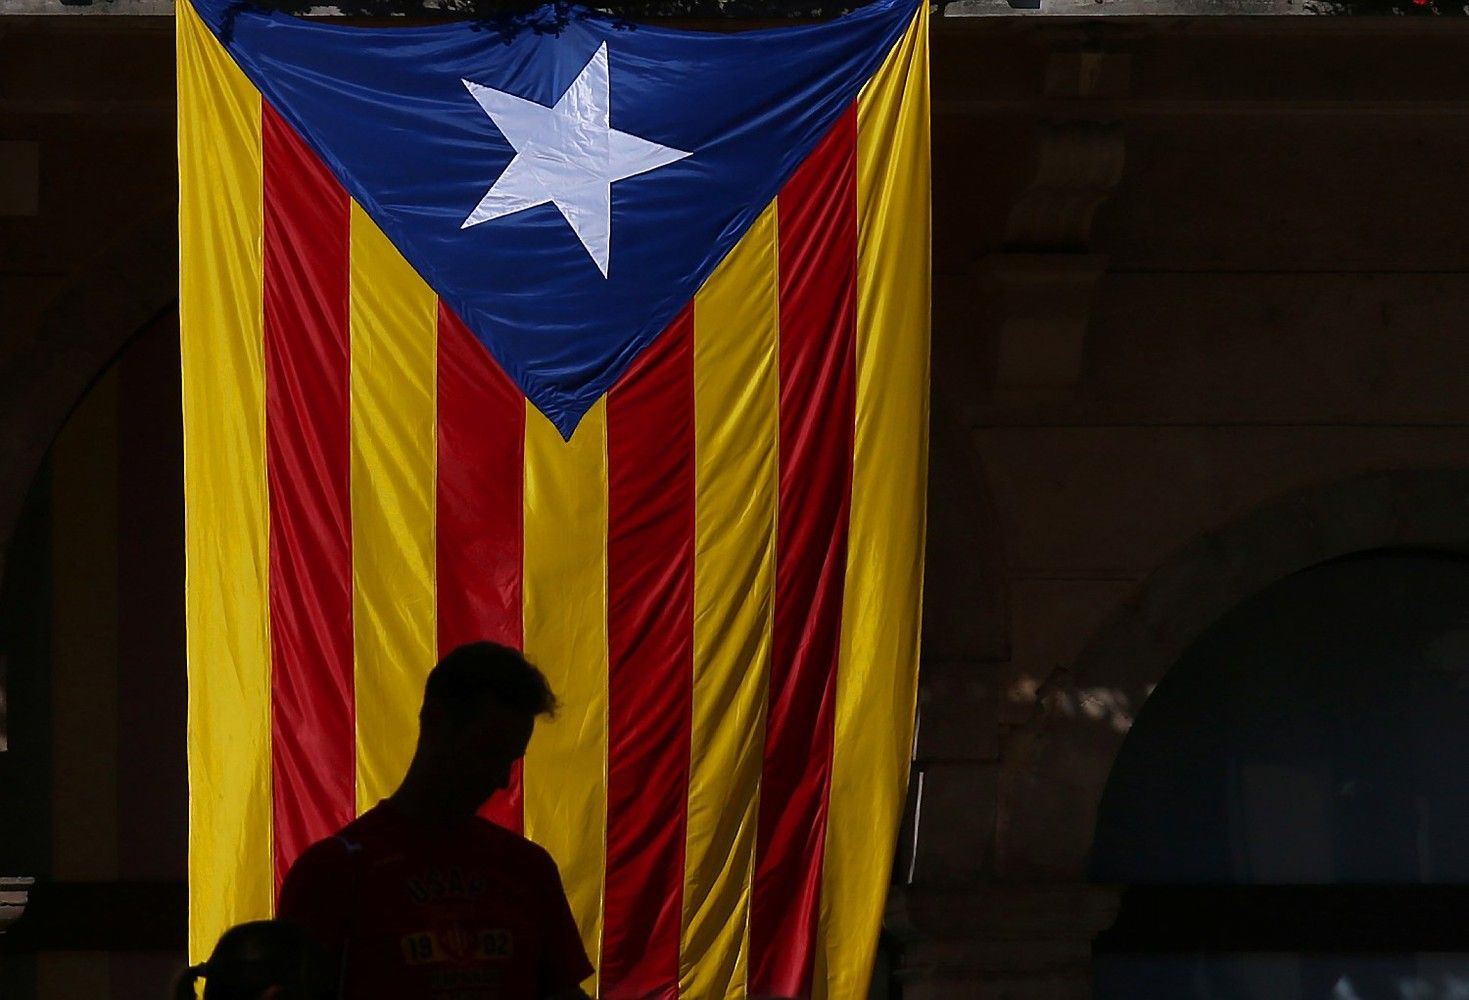 Katalonai apsisprendė: rengs referendumą dėl nepriklausomybės spalį